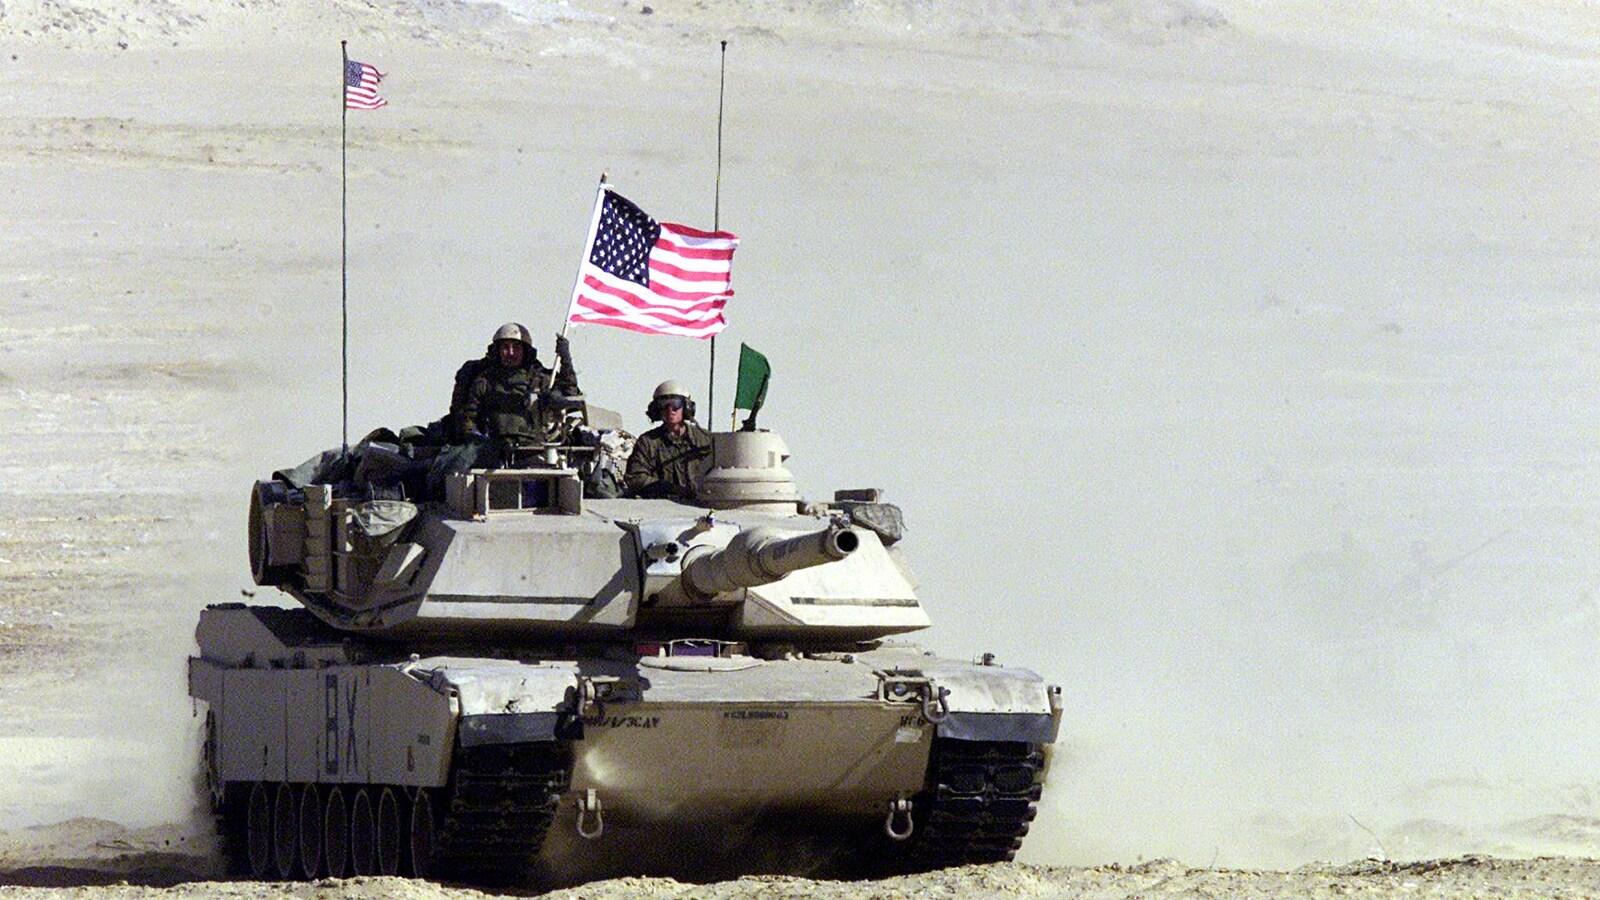 Un tank avec le drapeau américain dans le désert